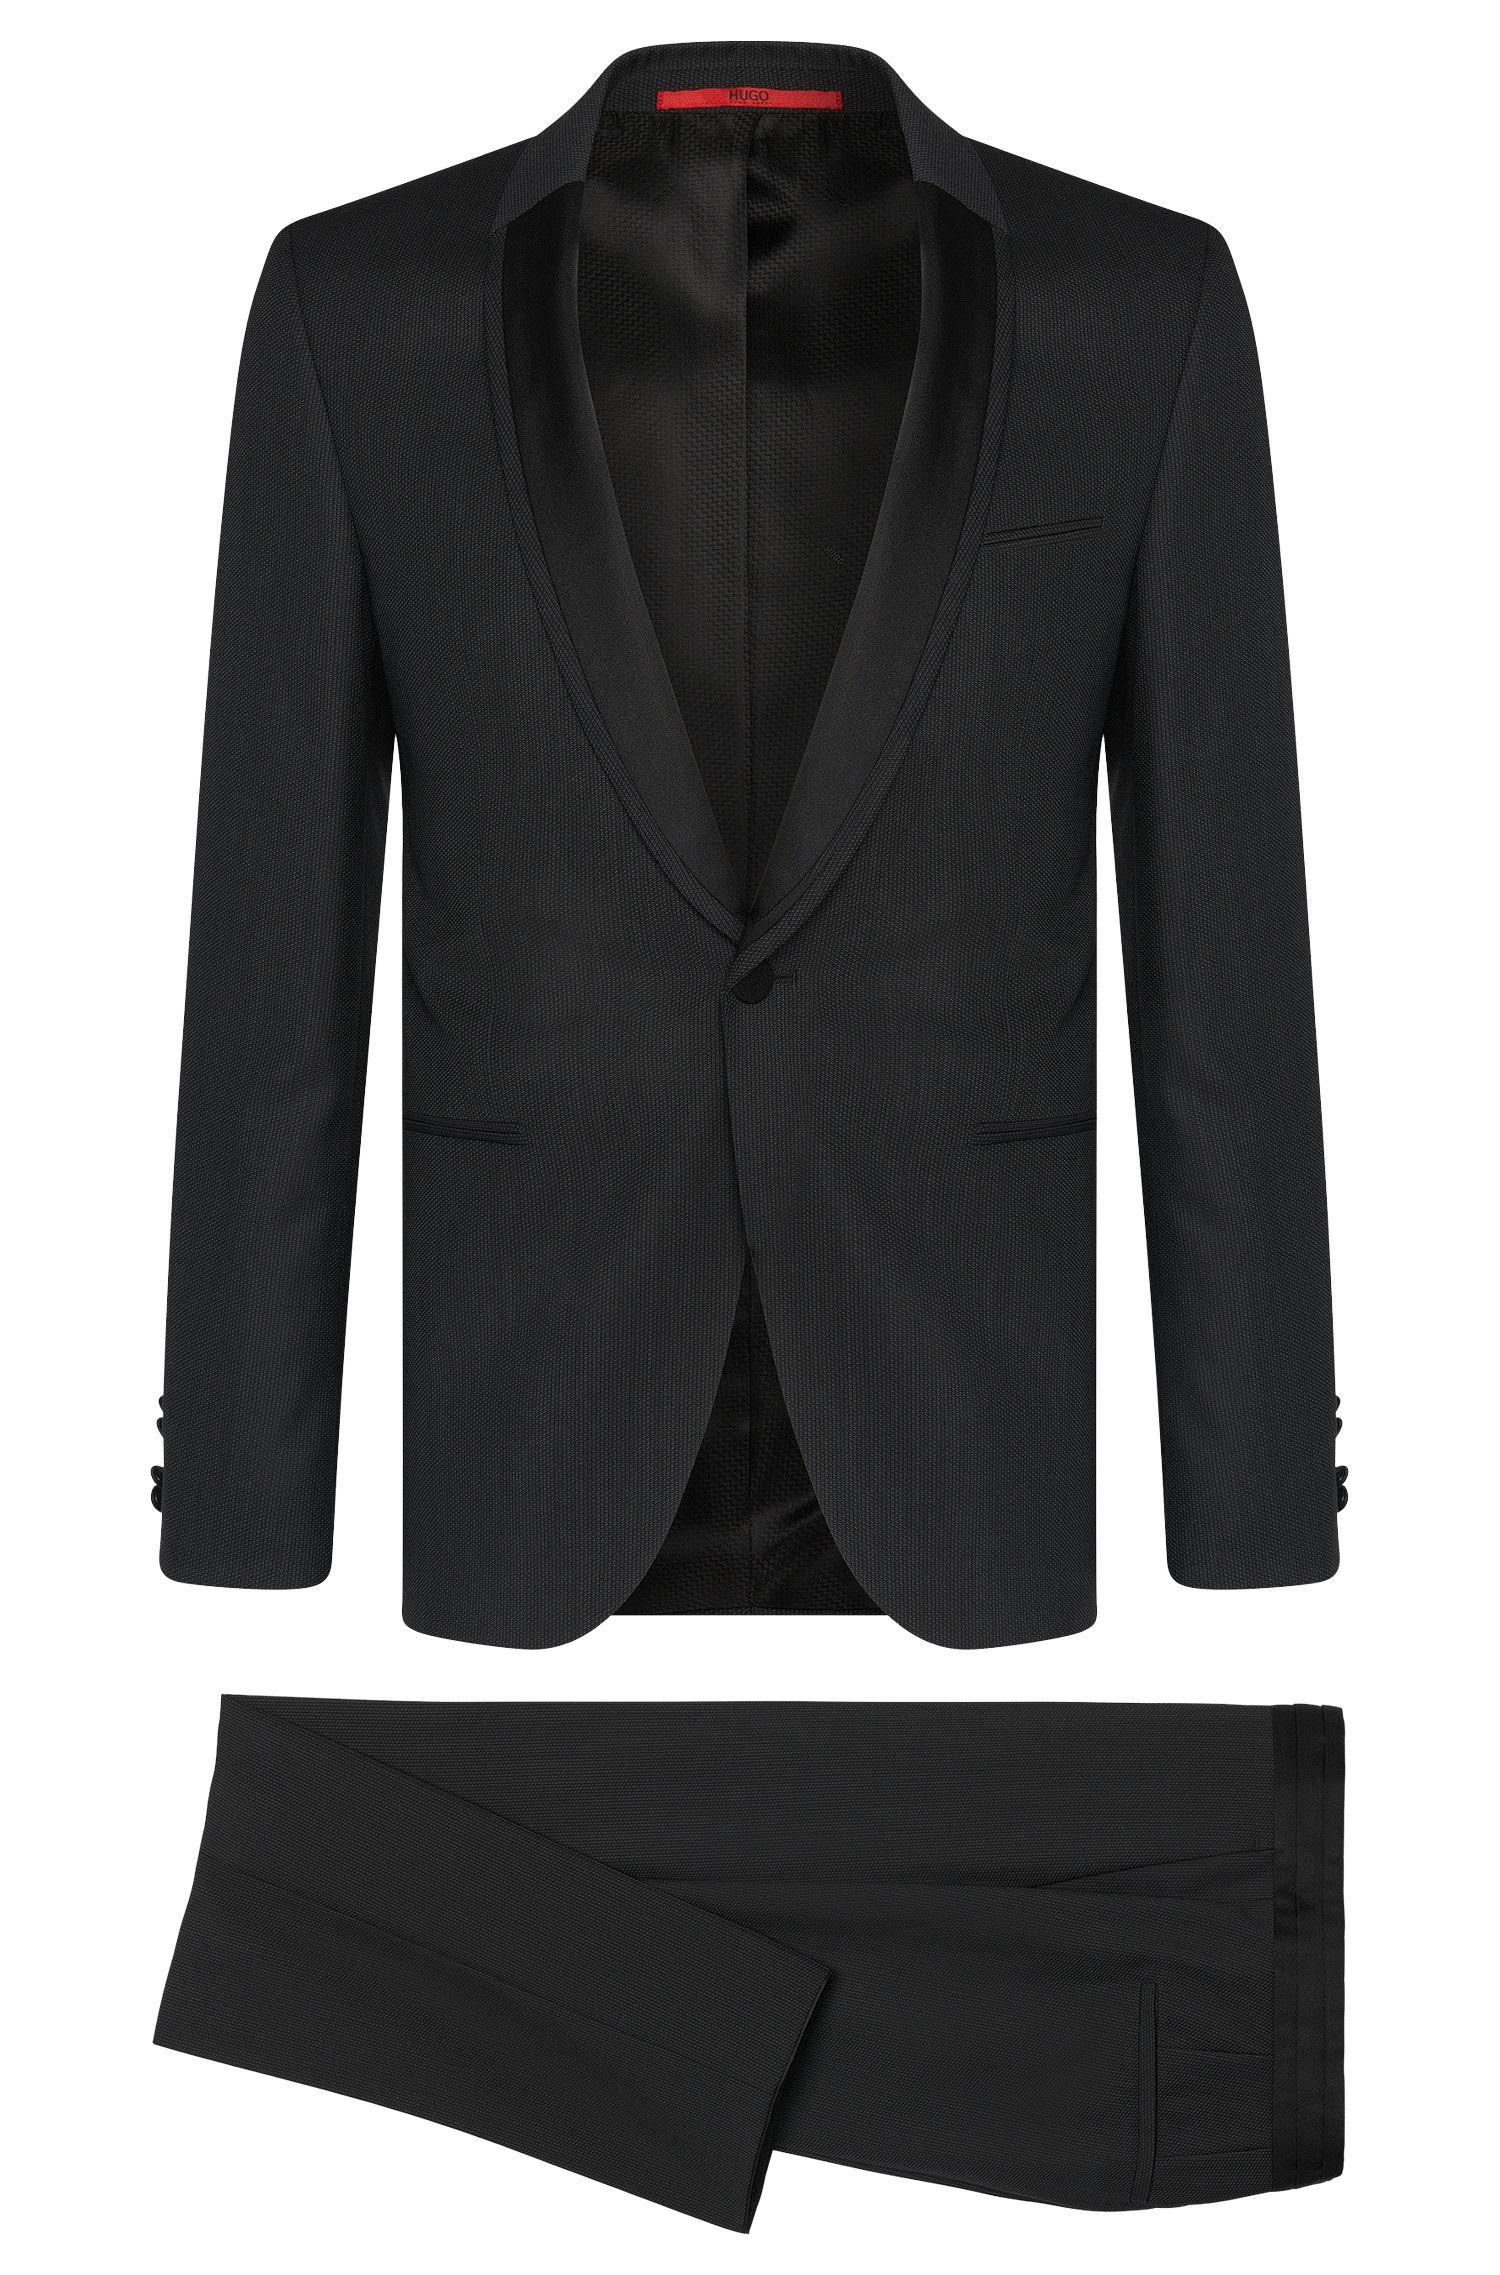 'Anros/Himans' | Extra Slim Fit, Super 110 Virgin Wool Dinner Suit